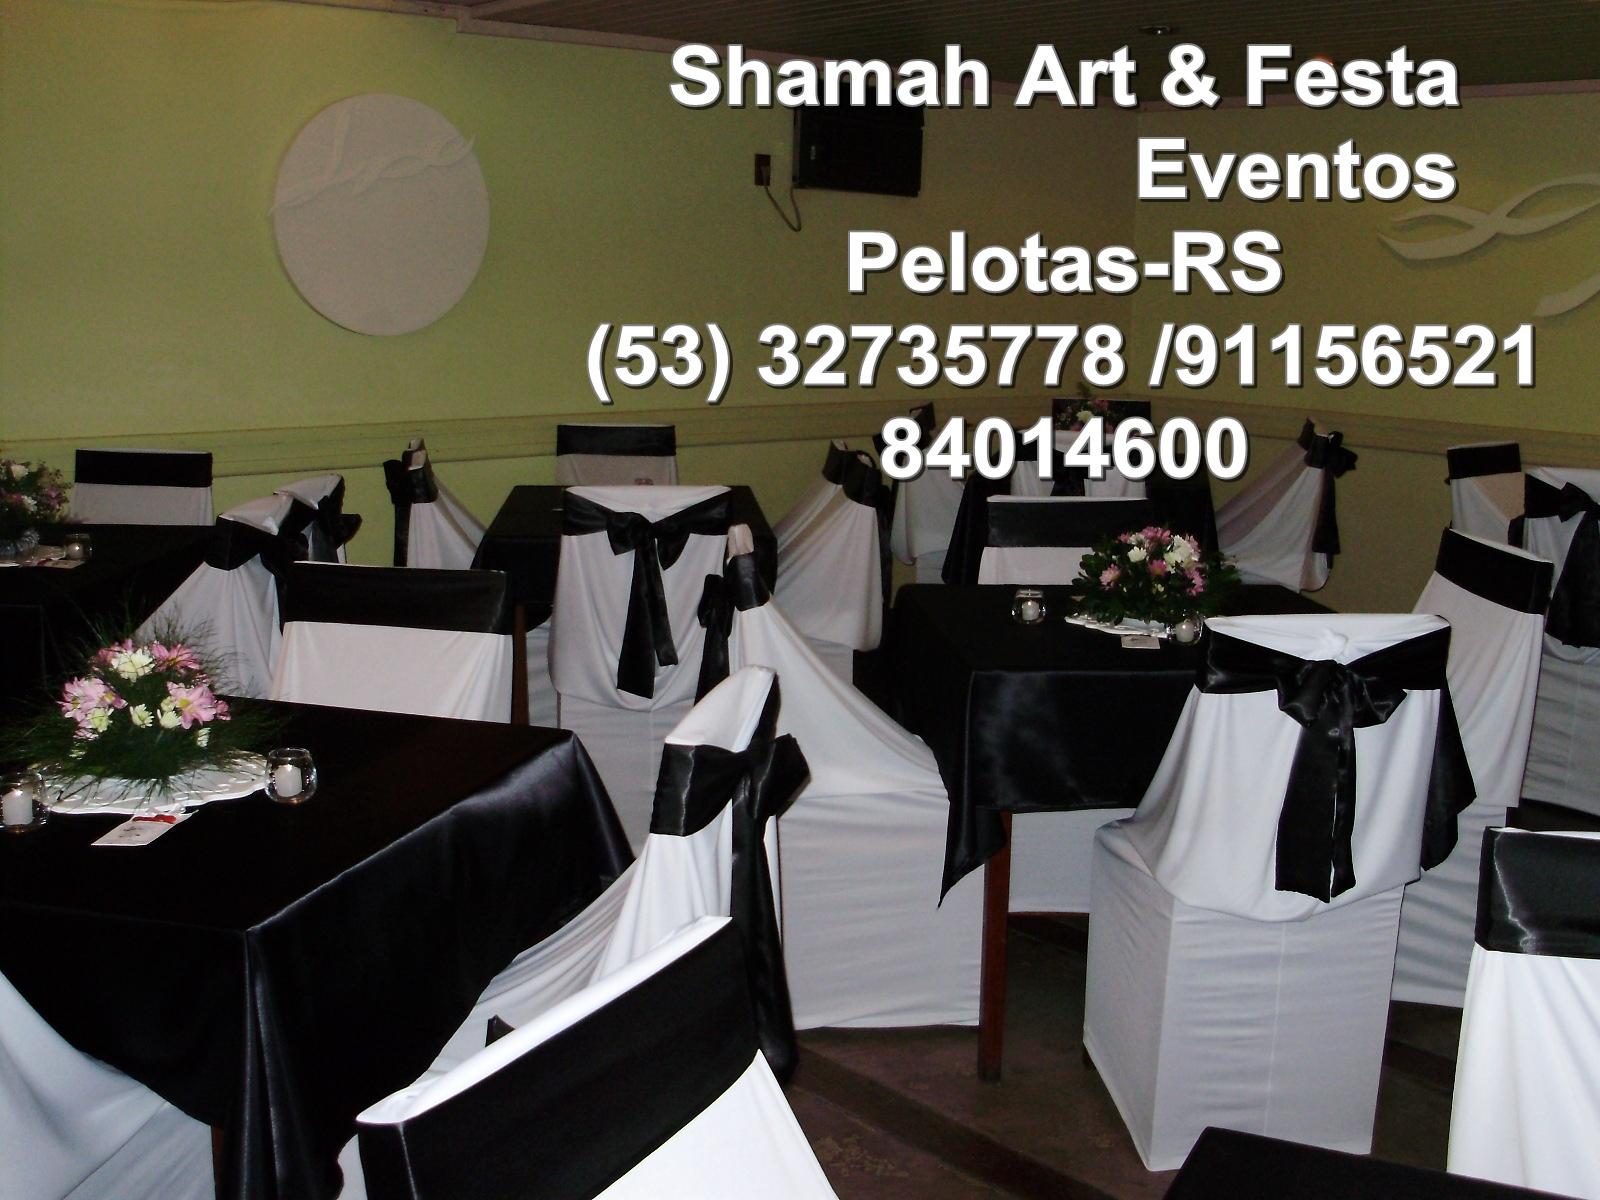 decoracao casamento preto e branco:Decoração Pelotas: decoração casamento branco, preto e rosa